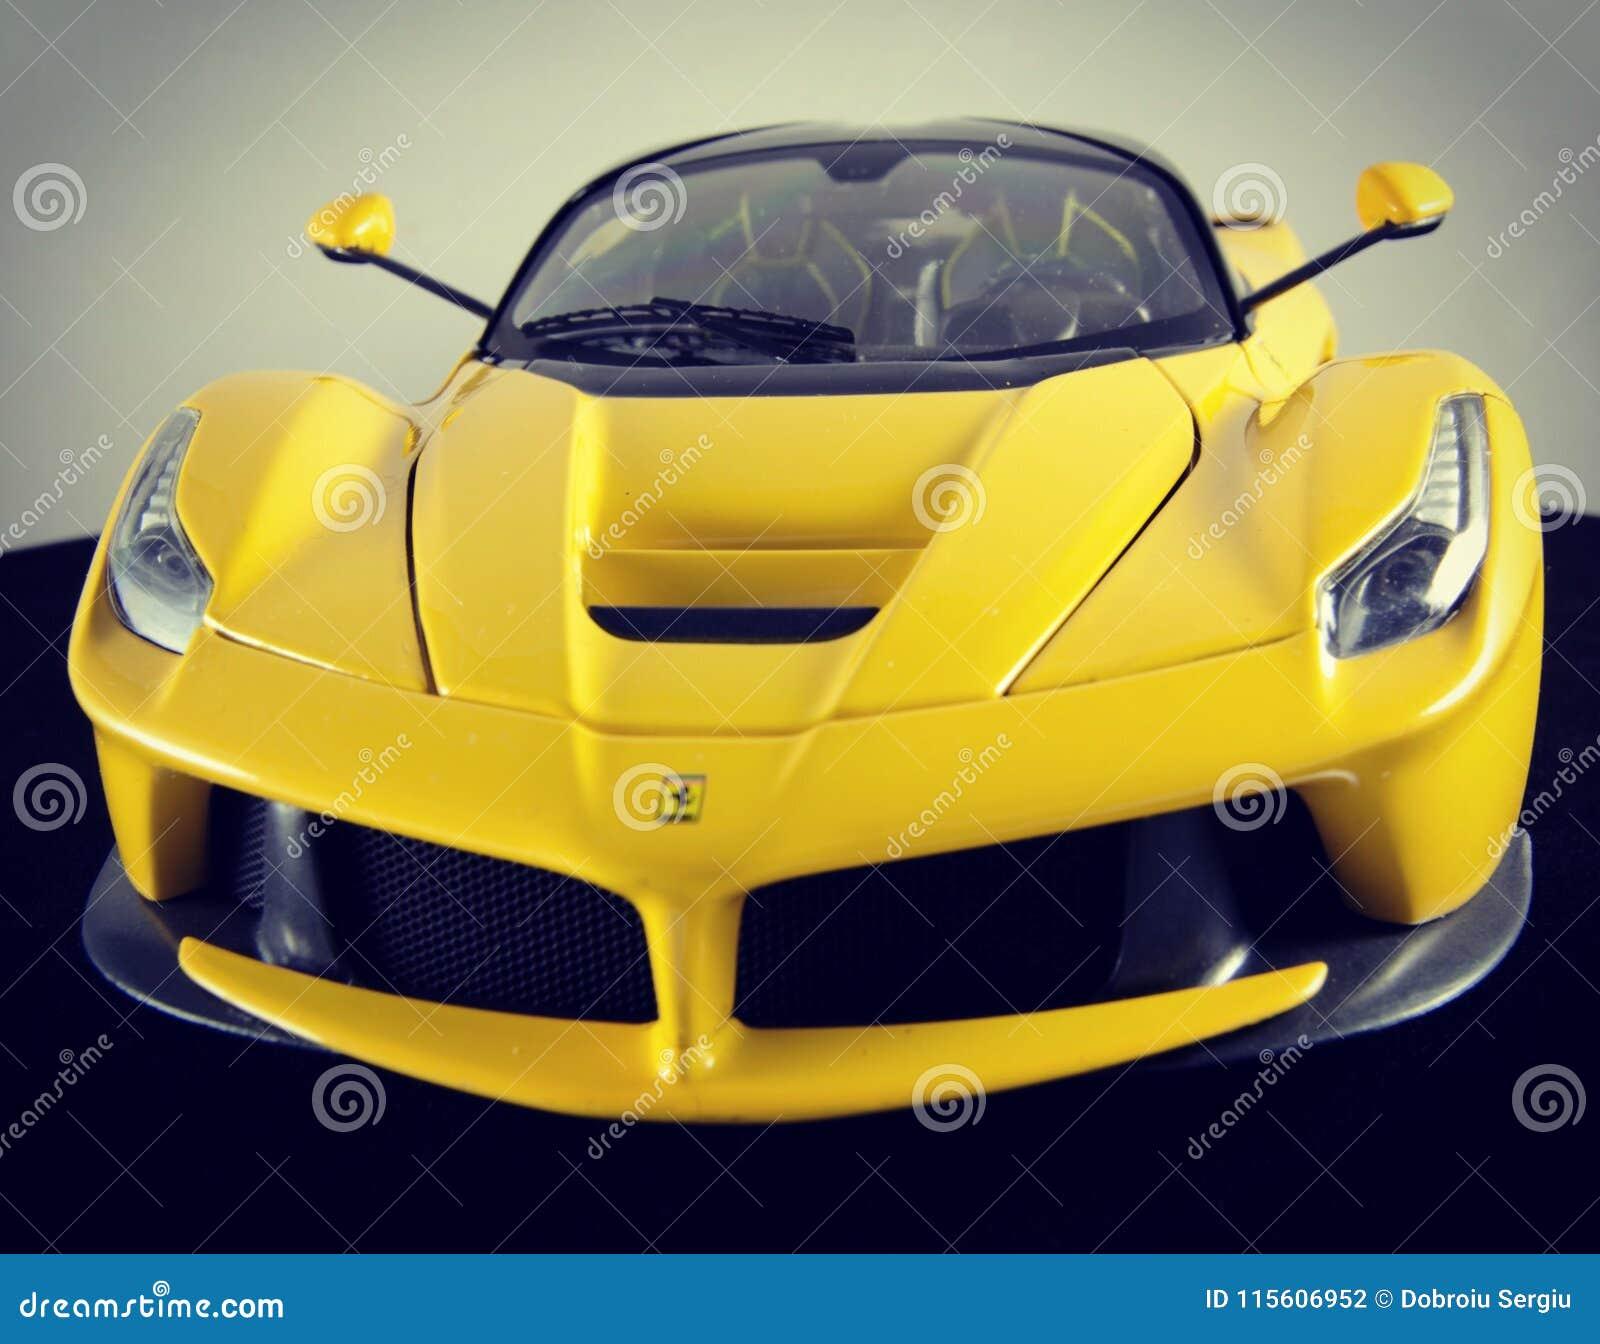 1 18 Ferraris Laferrari Hotwheels Auslese Modelcar Redaktionelles Stockfotografie Bild Von Ferrari Auslese 115606952